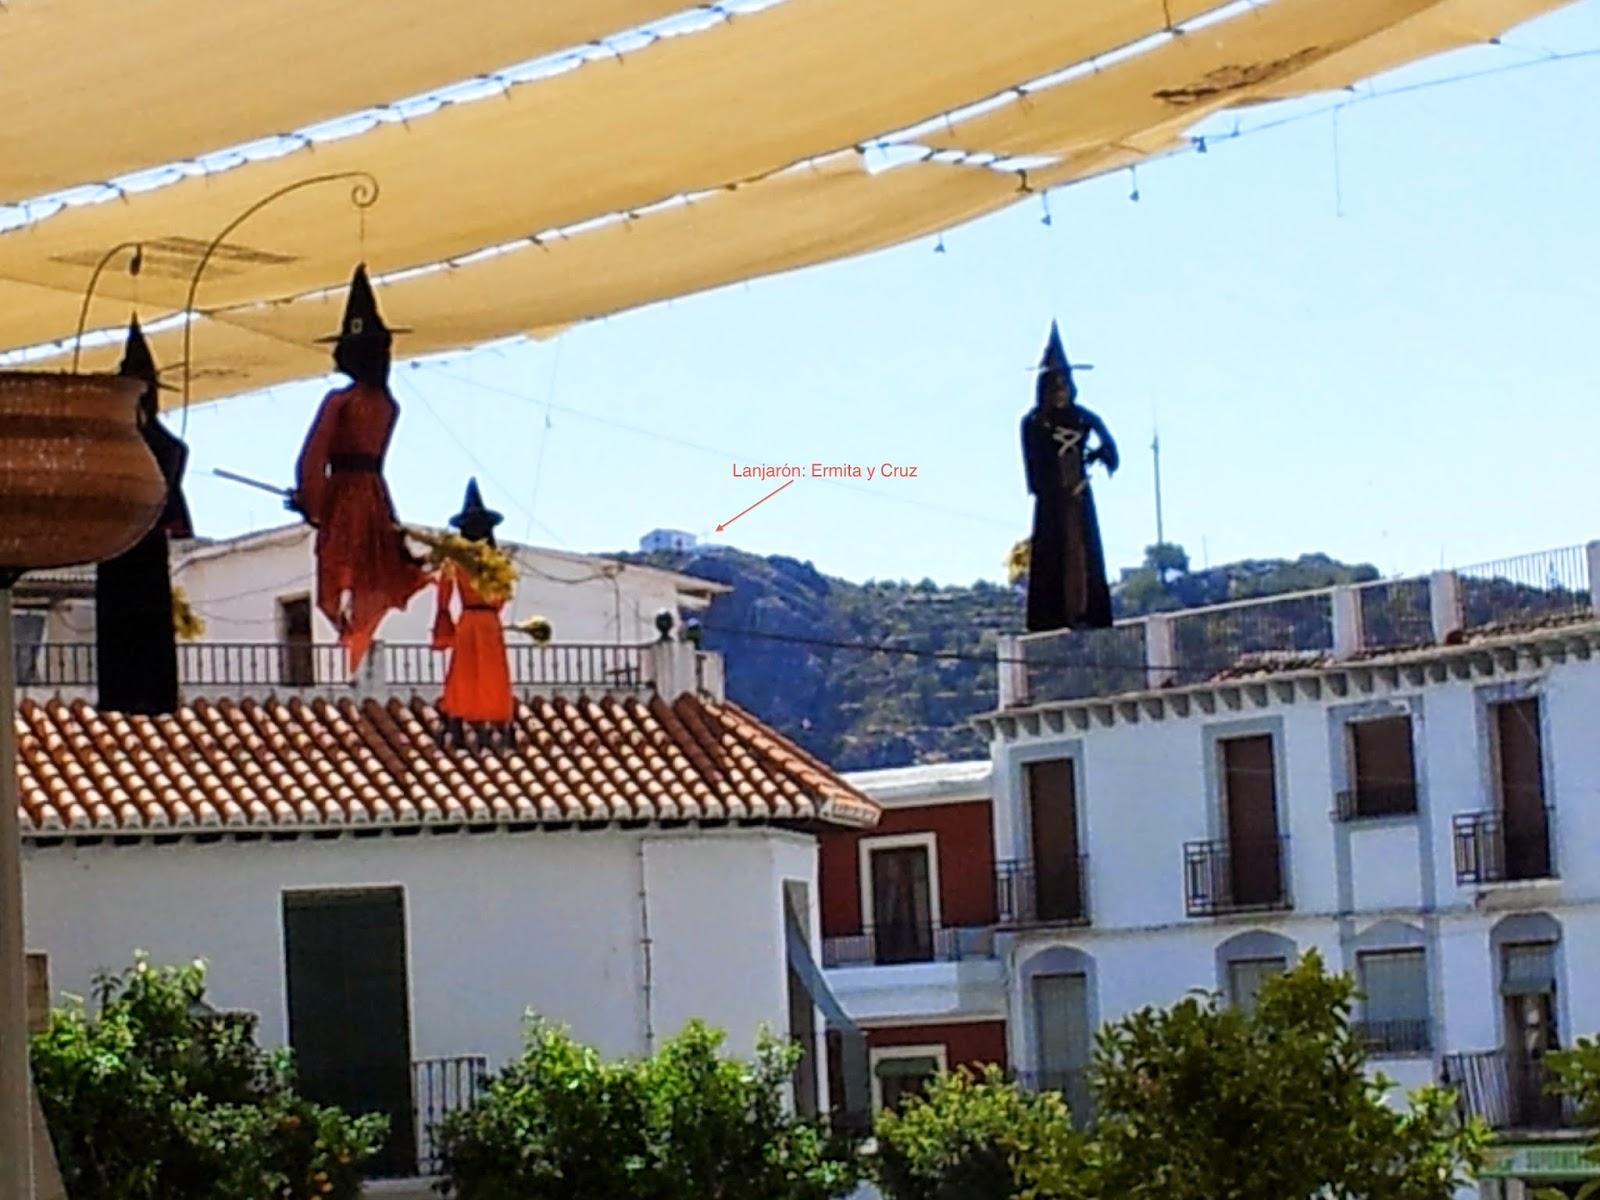 Brujas en el Tajo de la Cruz, Lanjarón